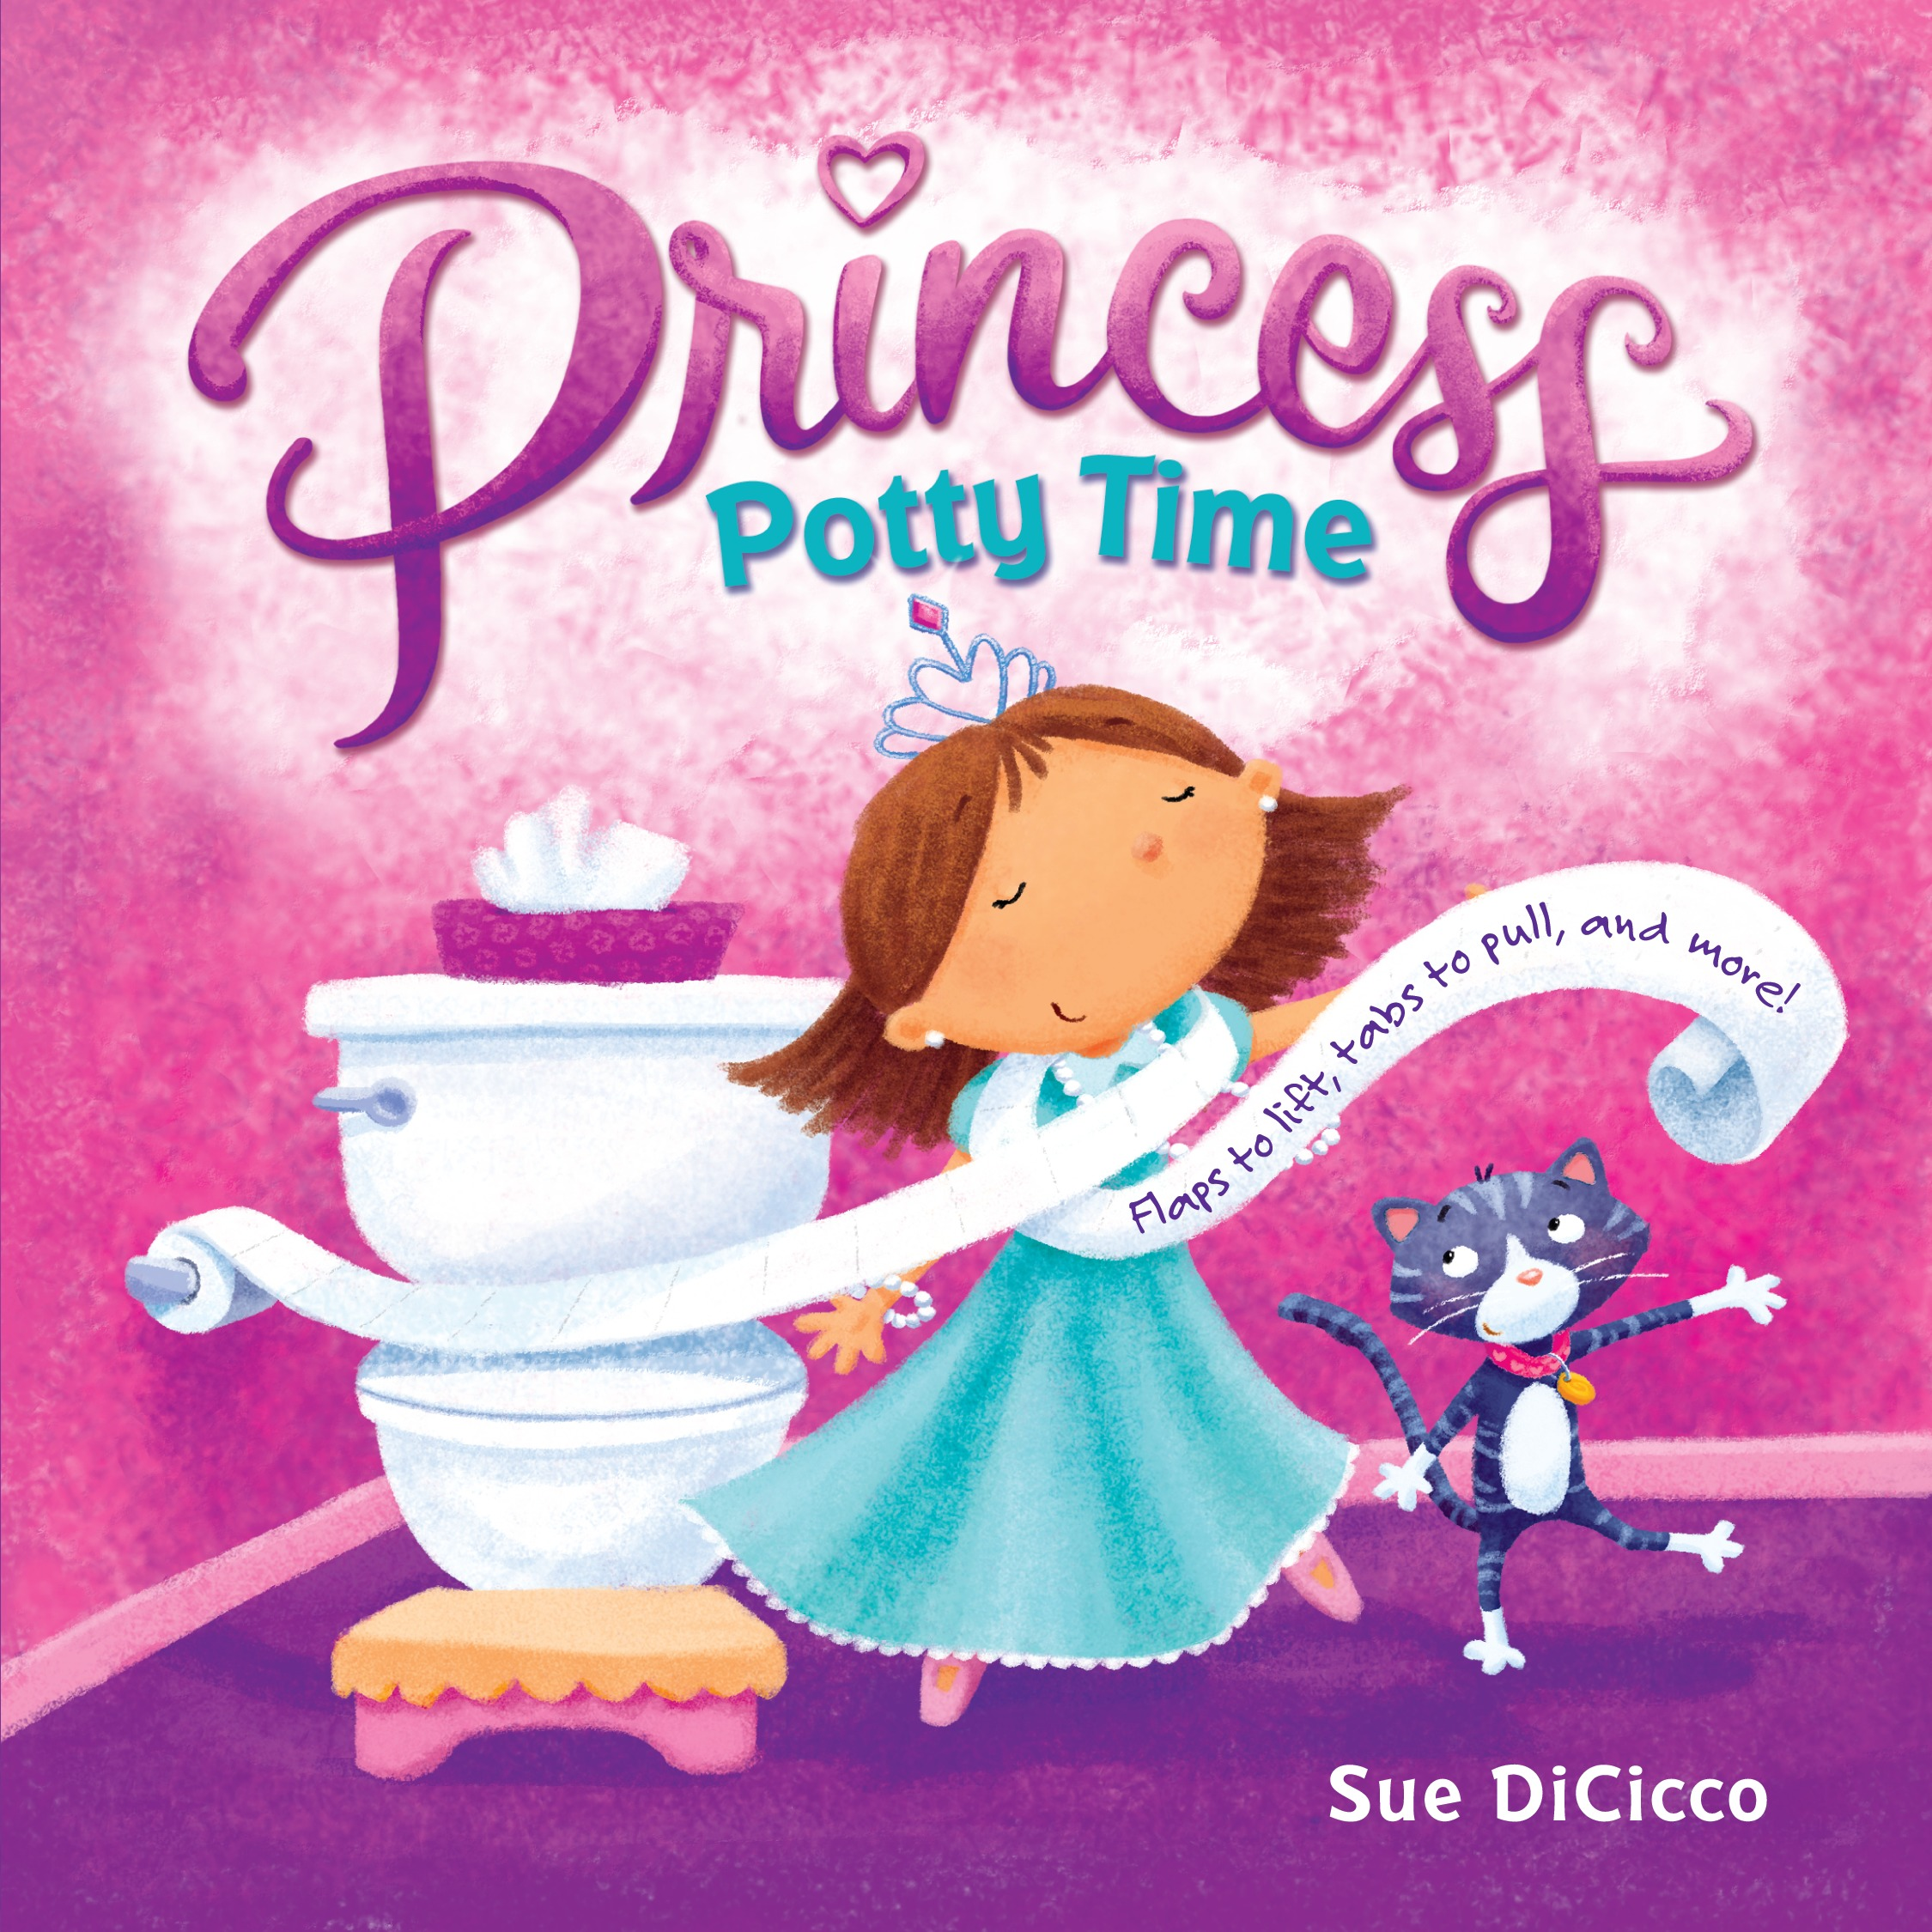 Princess Potty Time